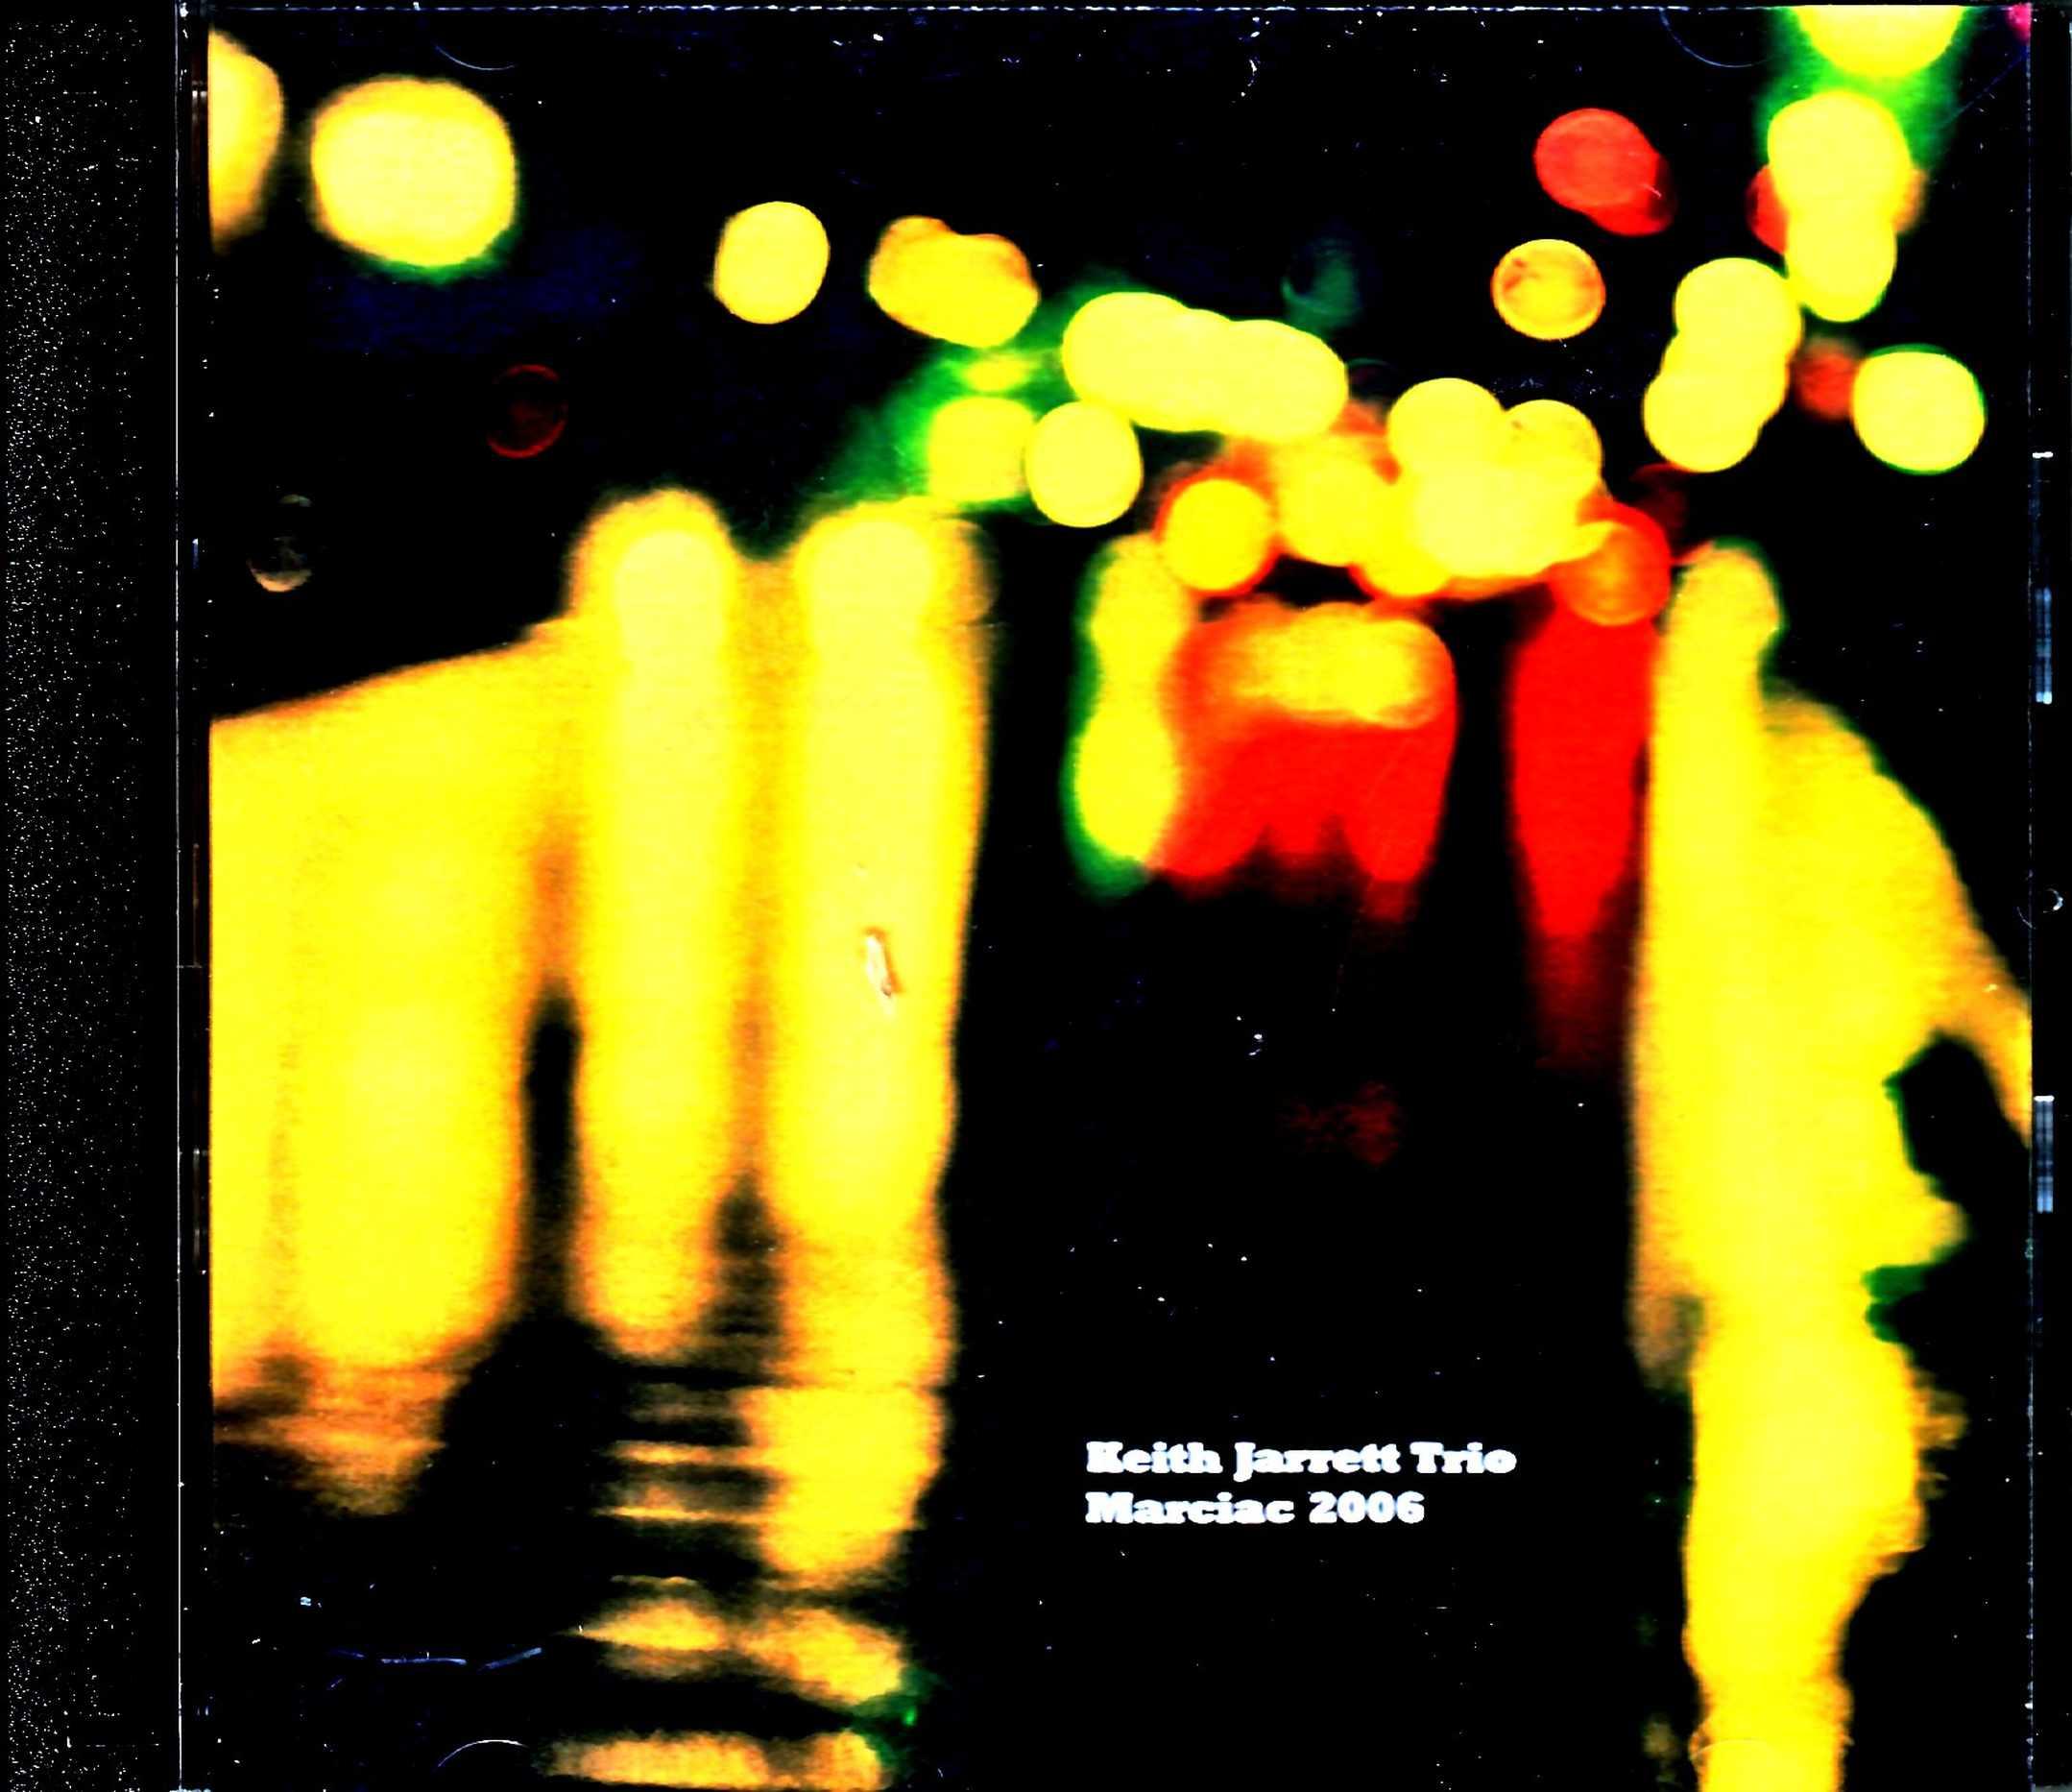 Keith Jarrett Trio キース・ジャレット/France 2006